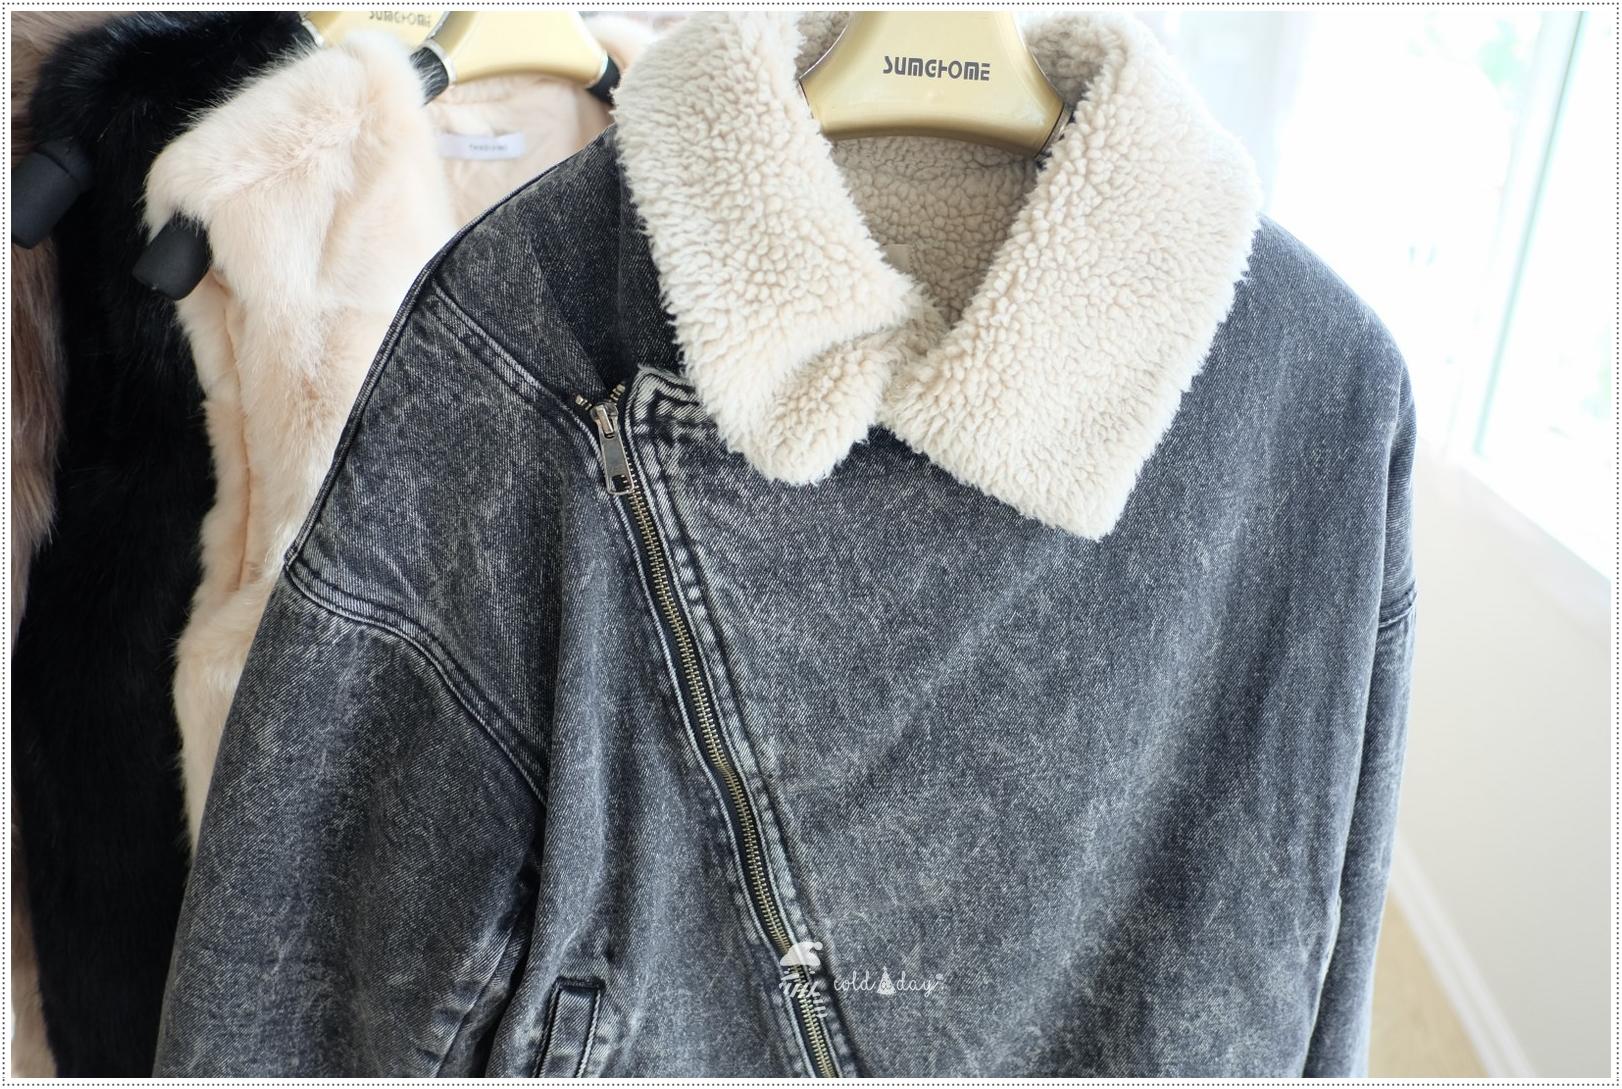 เช่าเสื้อแจ็คเก็ต เช่าเสื้อกันหนาว เช่าโค้ท เช่าเสื้อโค้ท เสื้อกันหนาว แจ็คเก็ตกันหนาว เสื้อยีนส์ ยีนส์กันหนาว เสื้อยีนส์กันหนาว ยีนส์